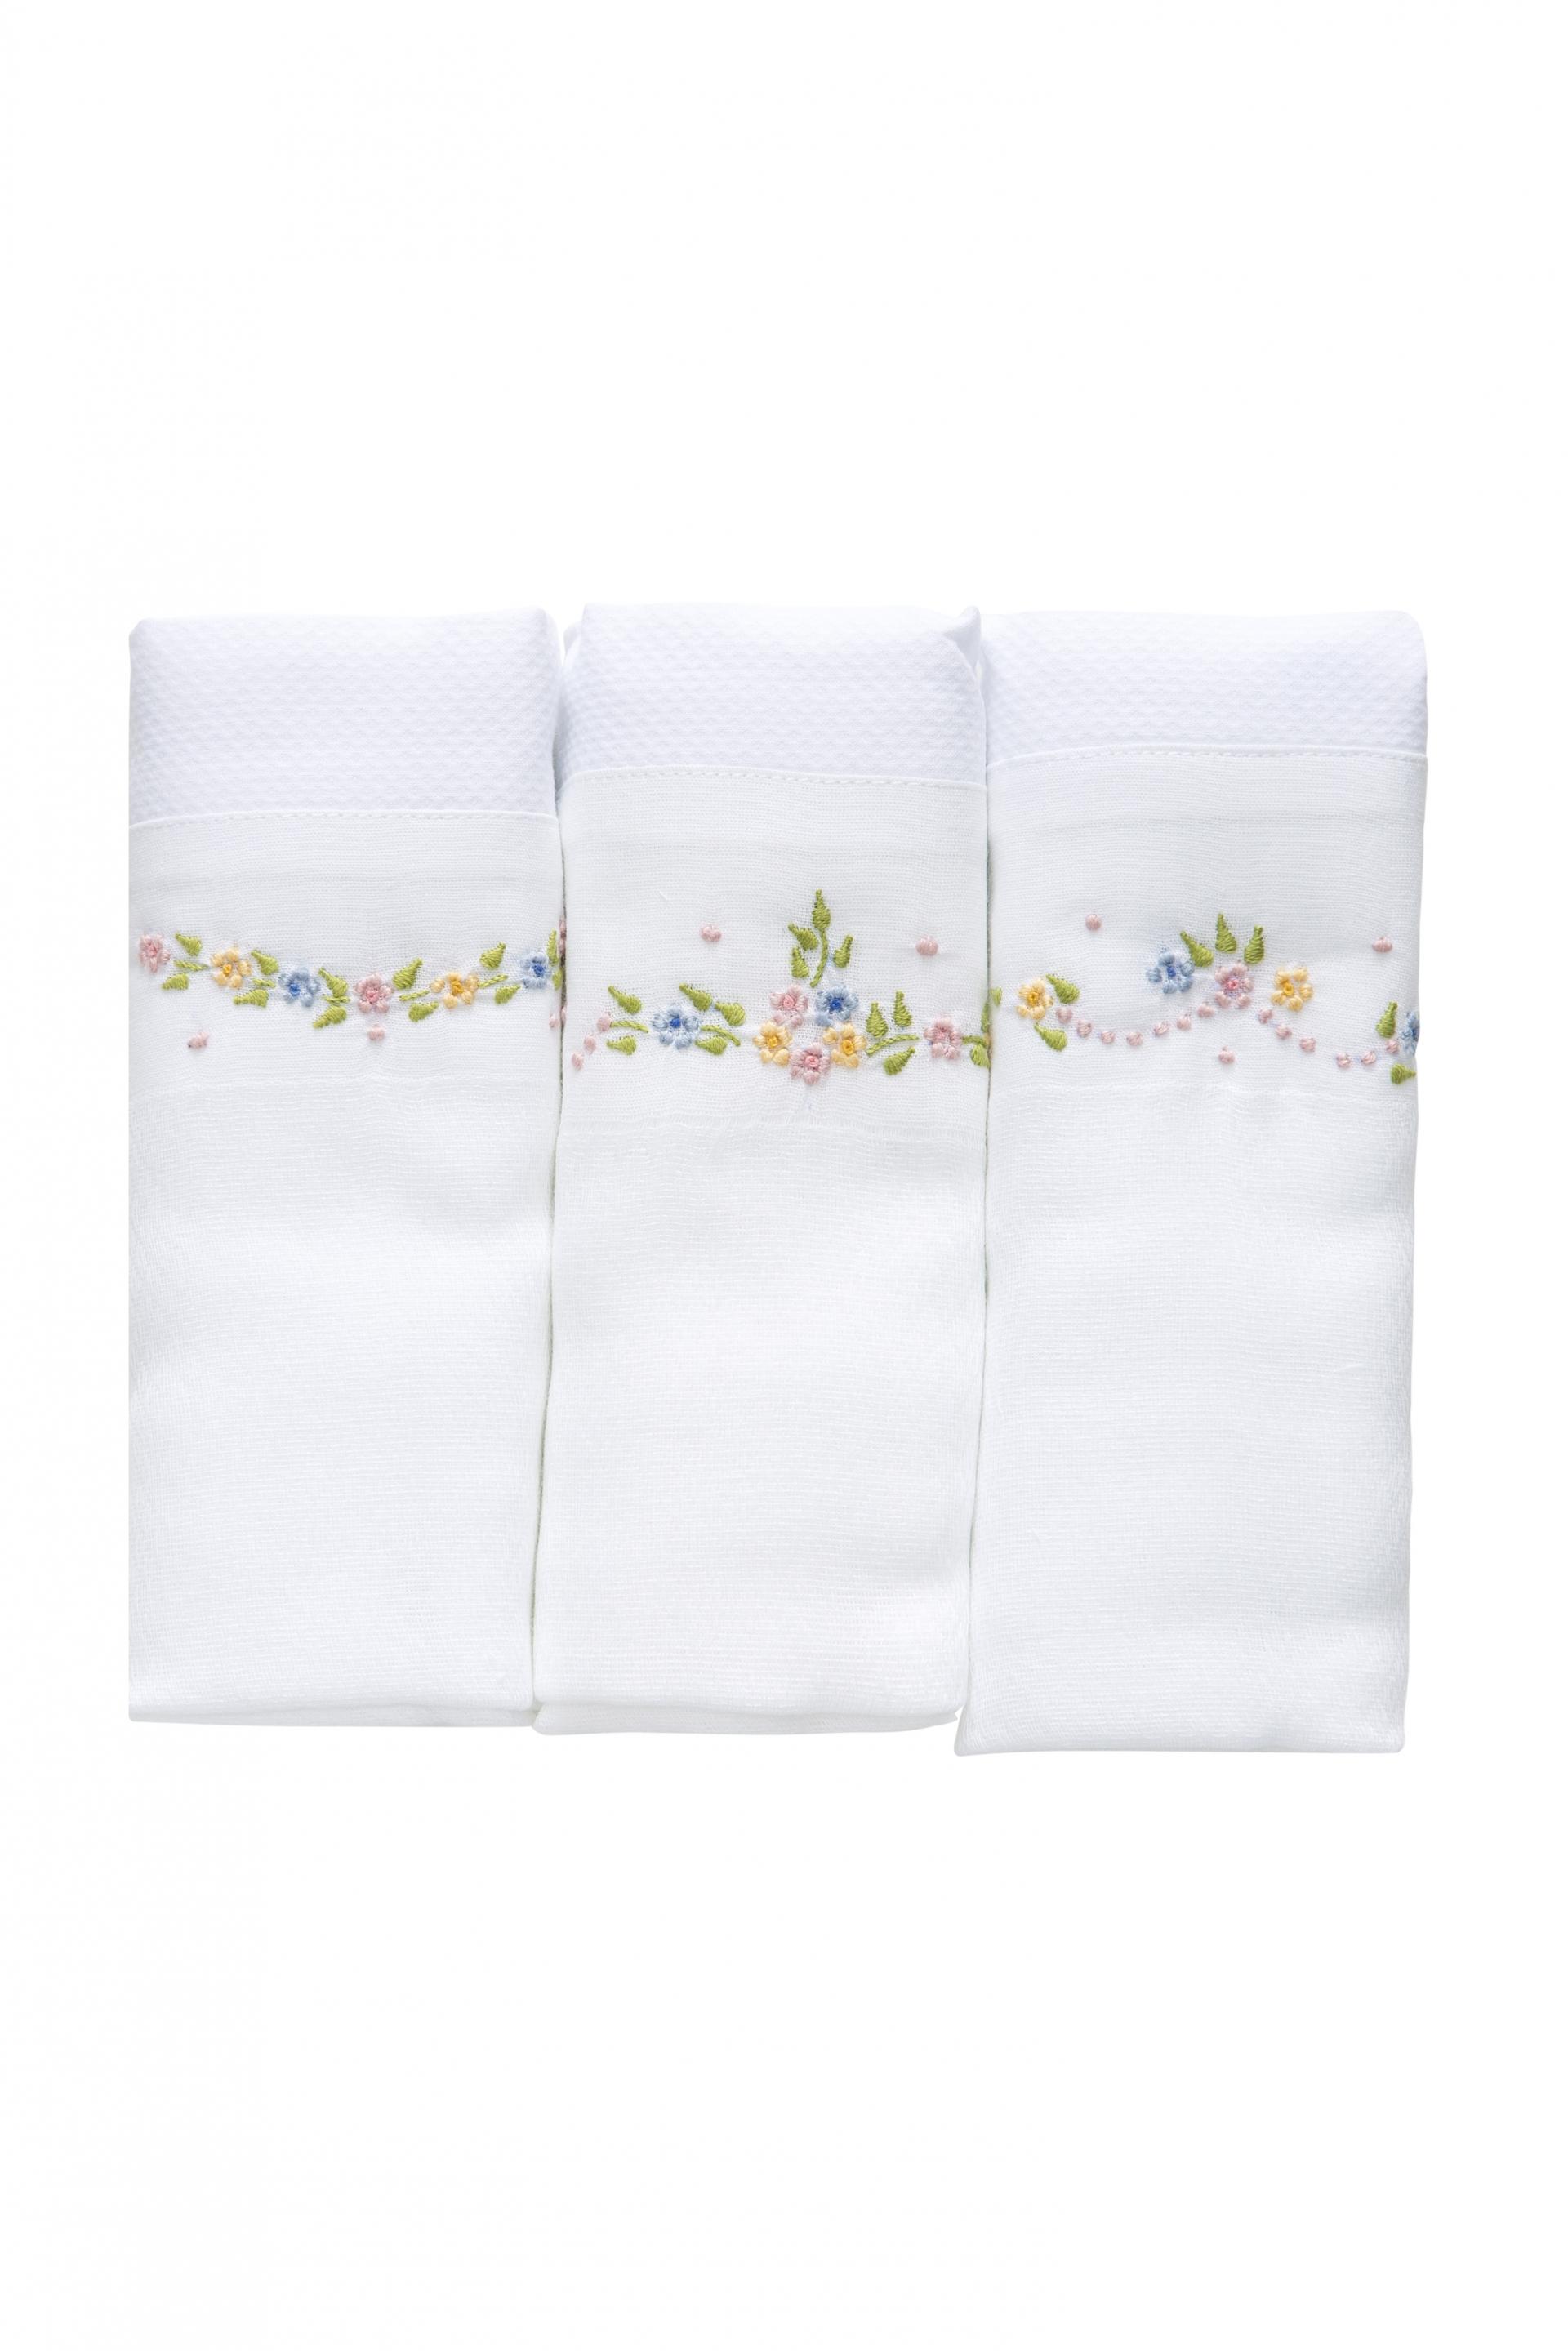 Trio de Ombro Babubô com Arco e Ramos de Flores Coloridas Bordados e Barrado Branco